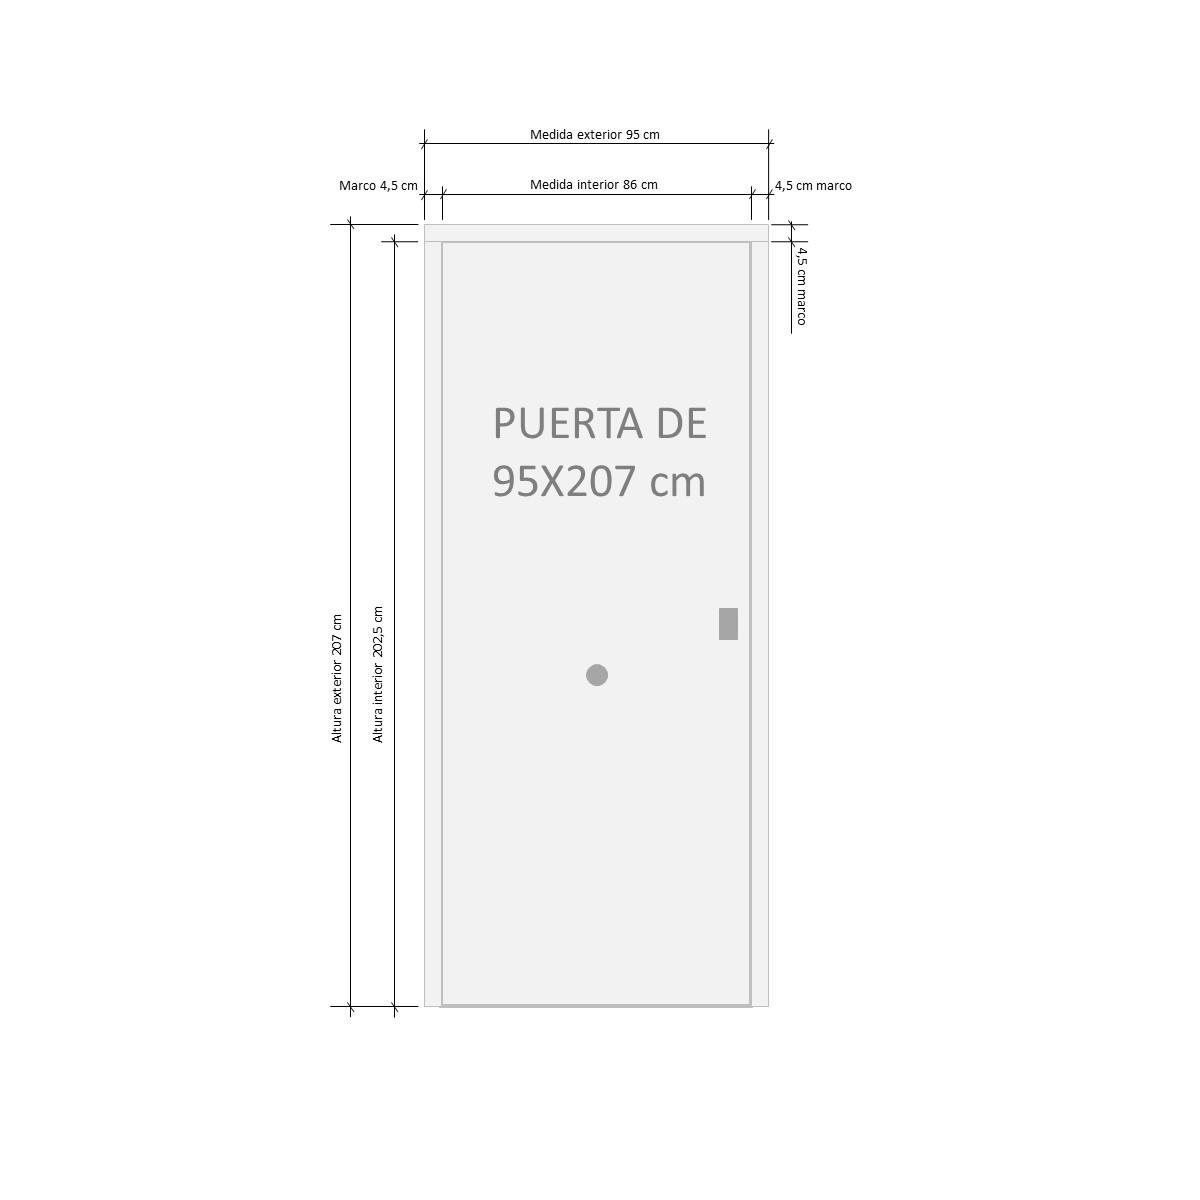 Puertas acorazadas Serie B4-BL Cearco Puerta acorazada Cearco al mejor precio